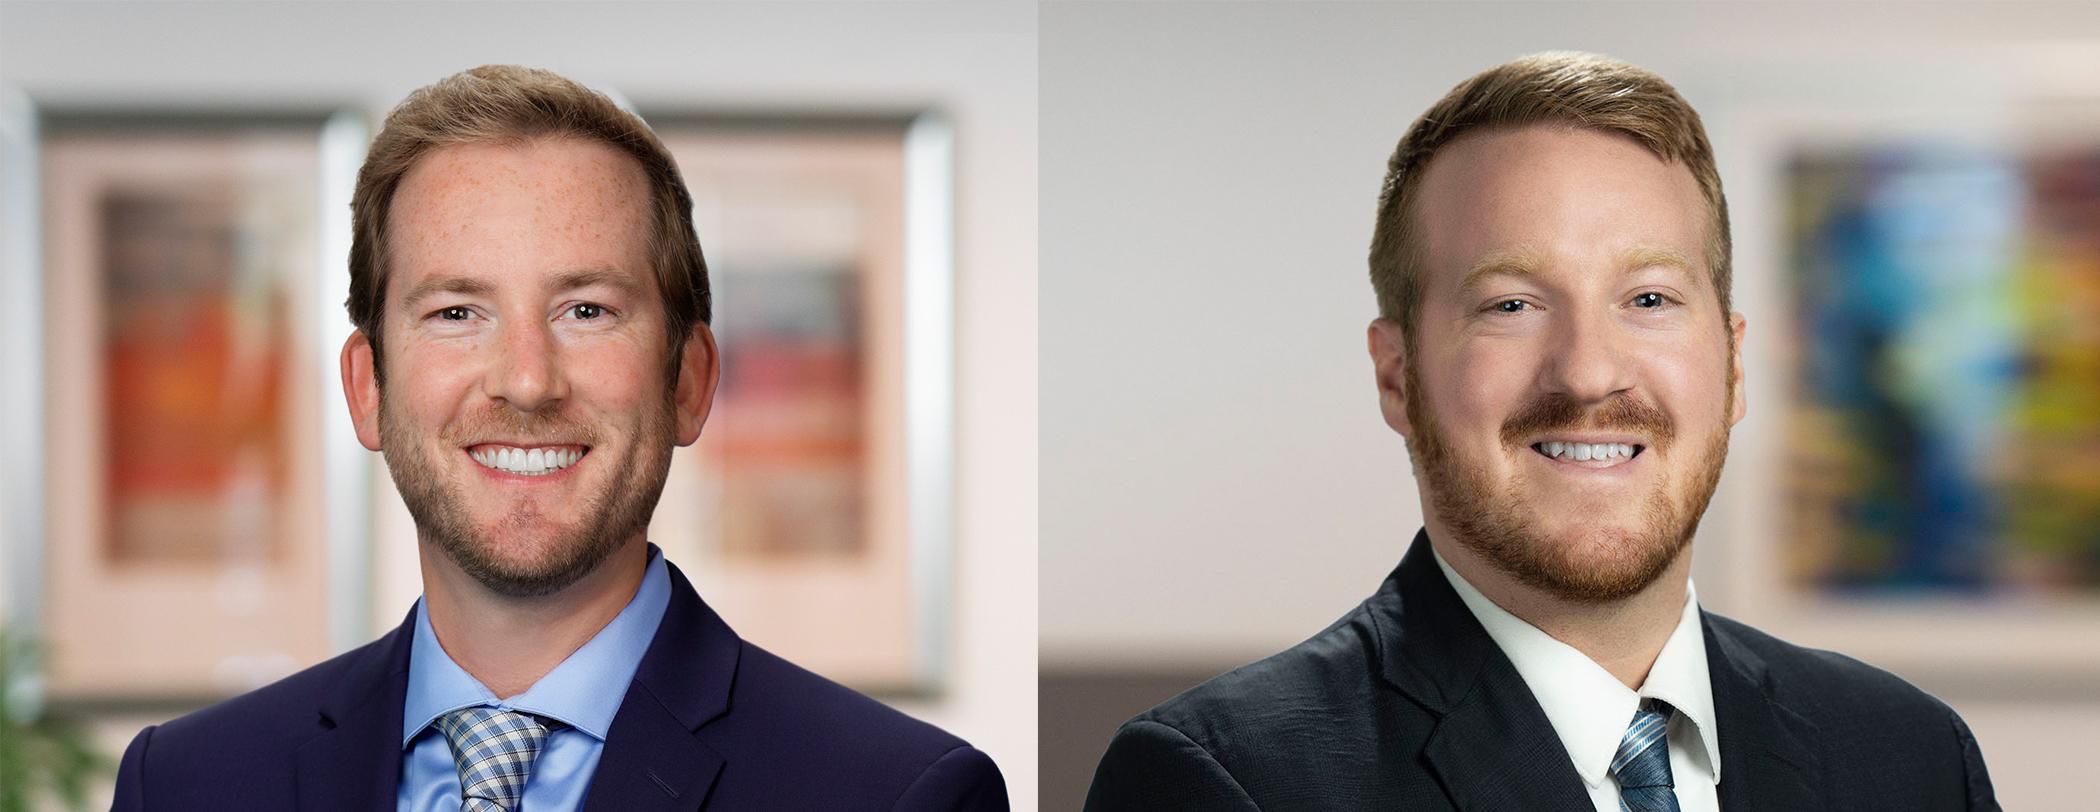 Andy McNamara and Erik Nelson, Dowling & Yahnke Wealth Advisors